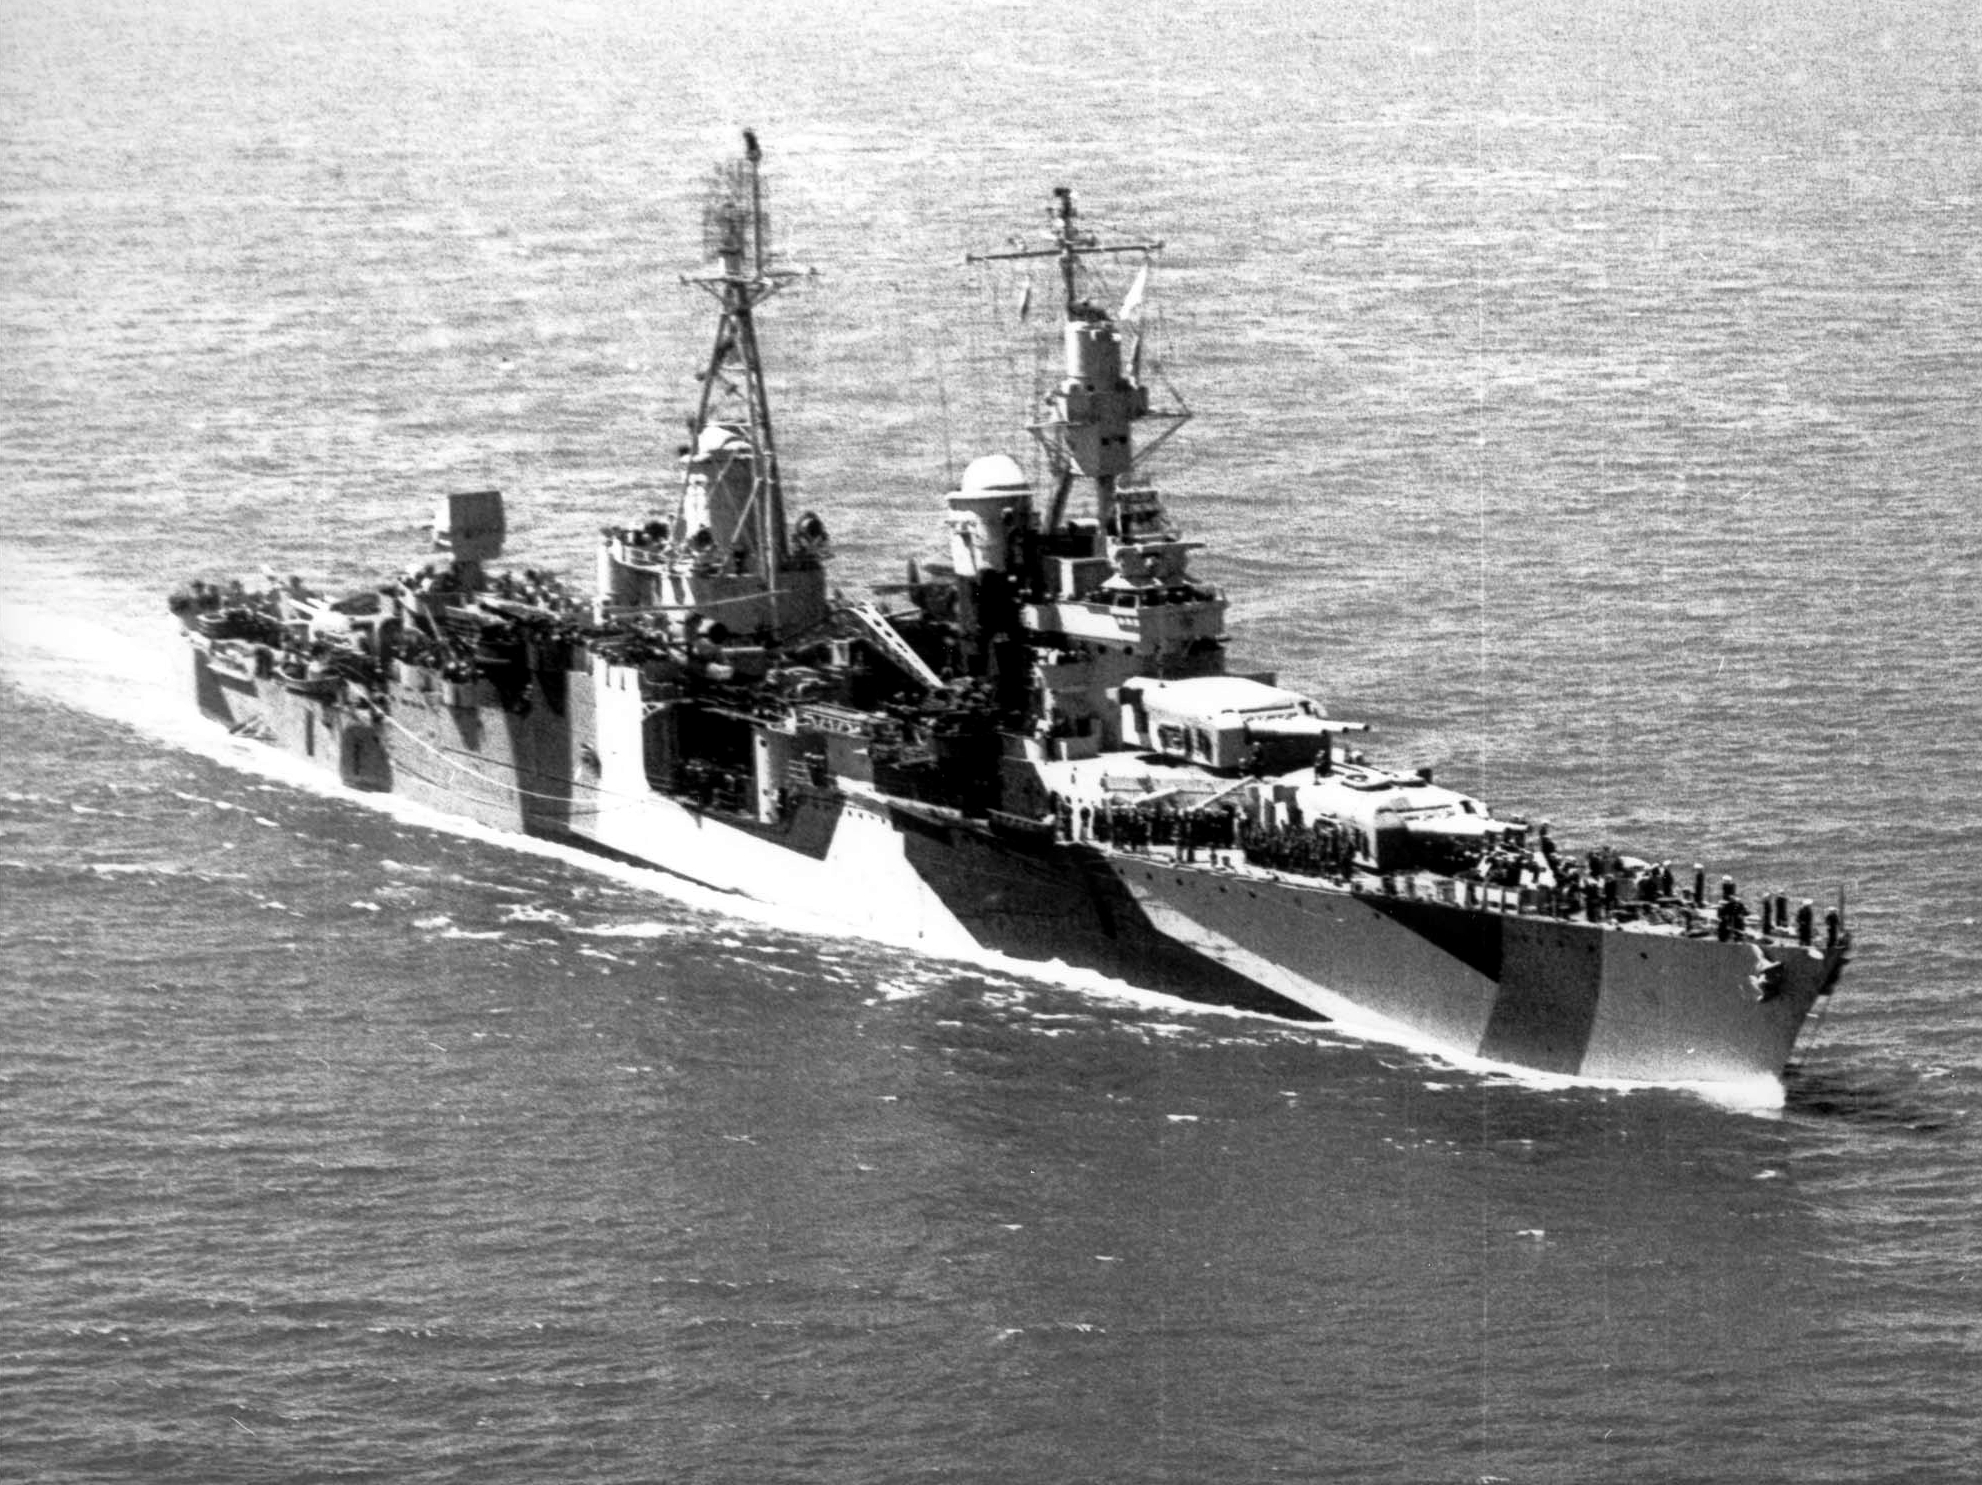 индианаполис корабль